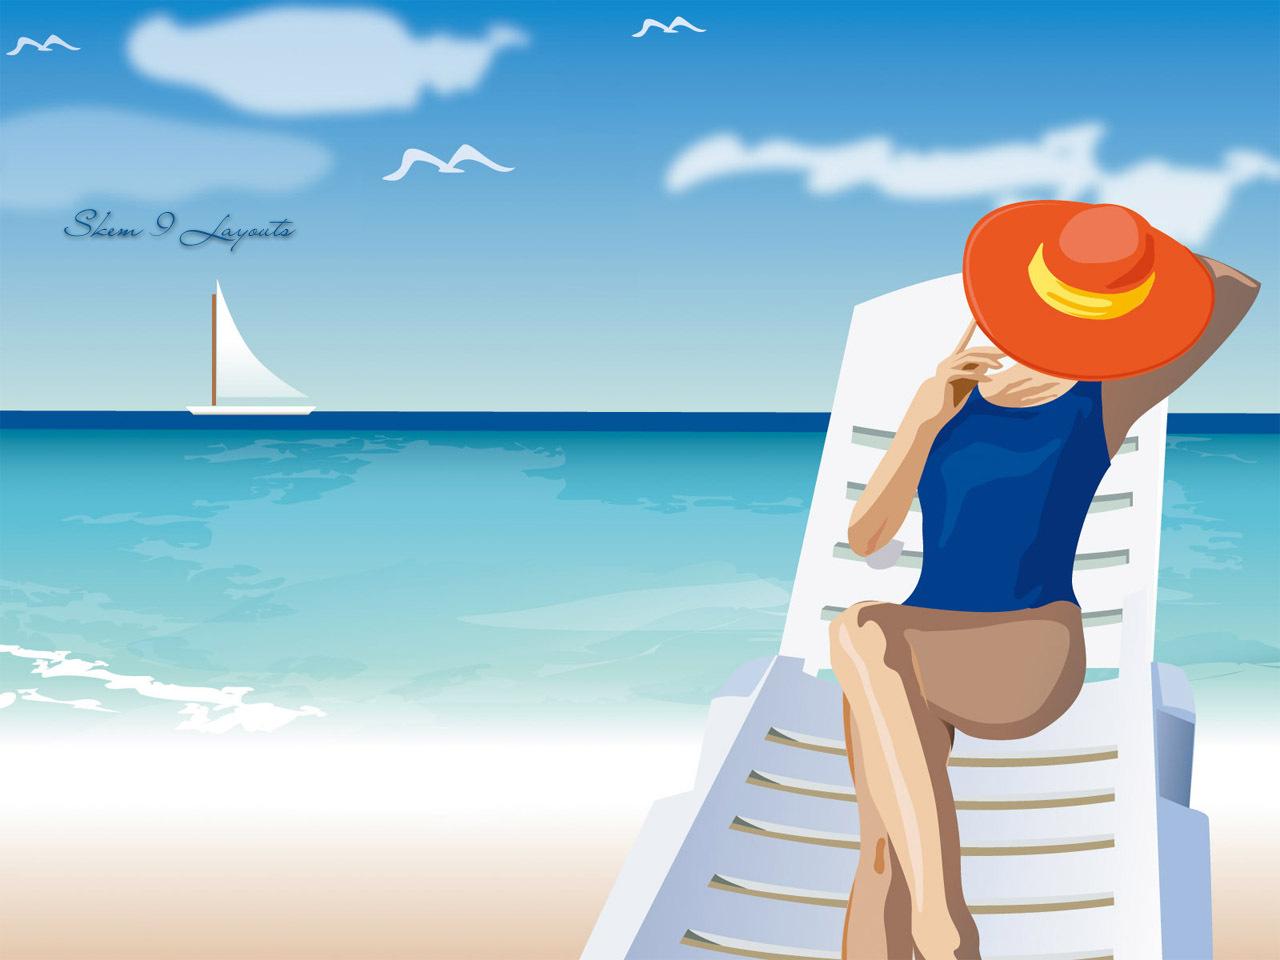 summer wallpaper, лето, скачать фото обои для рабочего стола, девшка, пляж, море